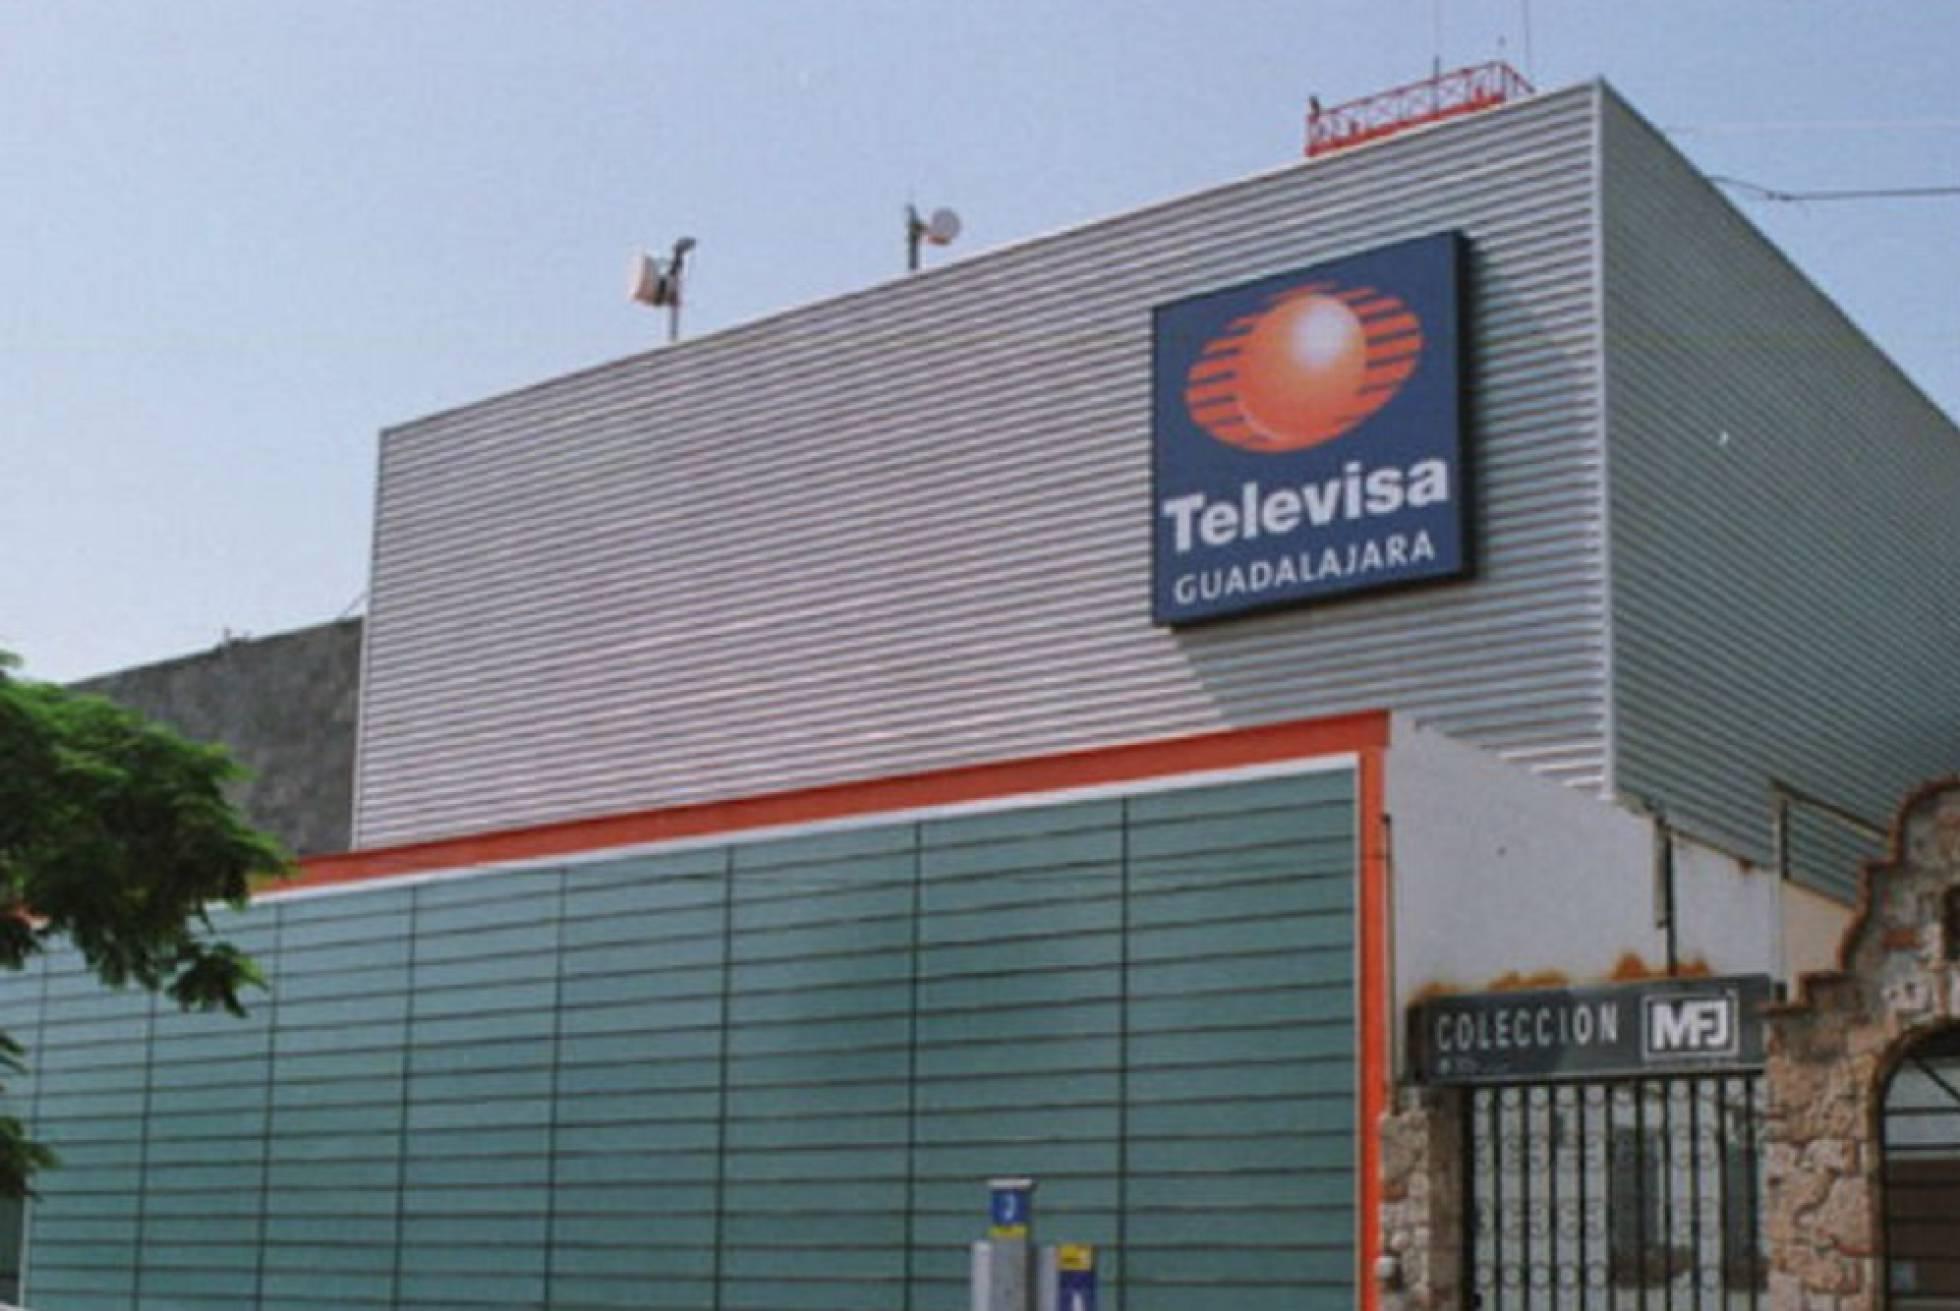 sede televisa guadalajara